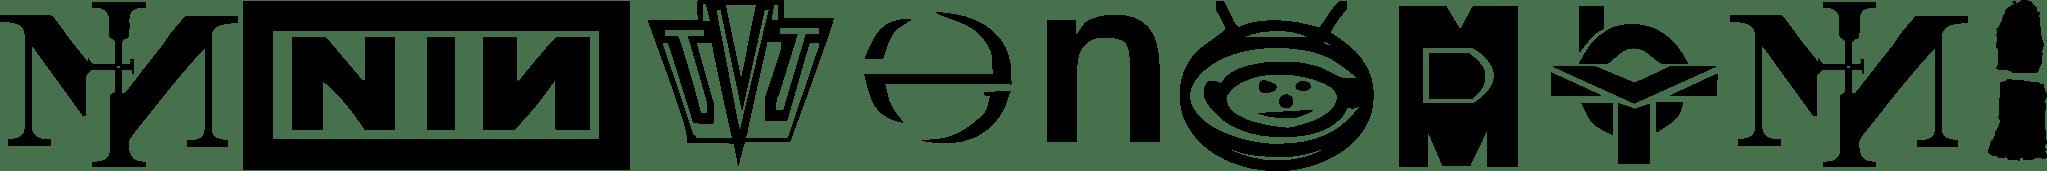 Yin Yang Fonts Fontspace